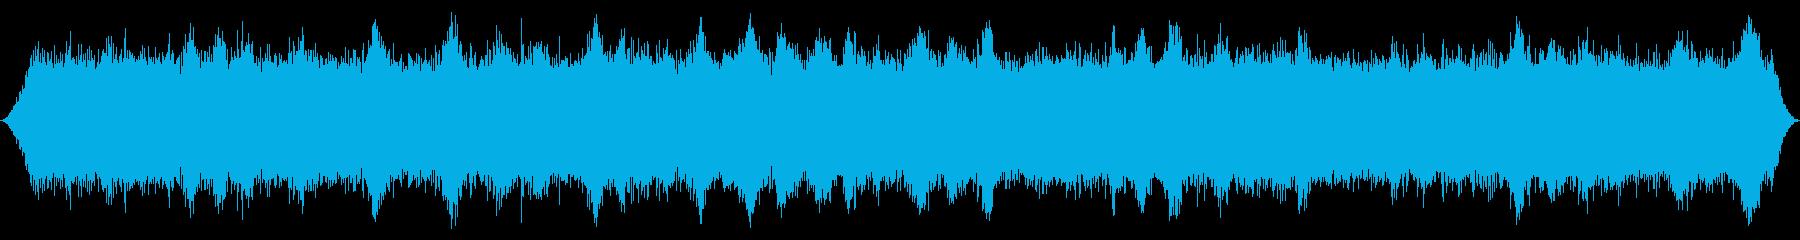 レイクウィンド:レイクウィンドから...の再生済みの波形